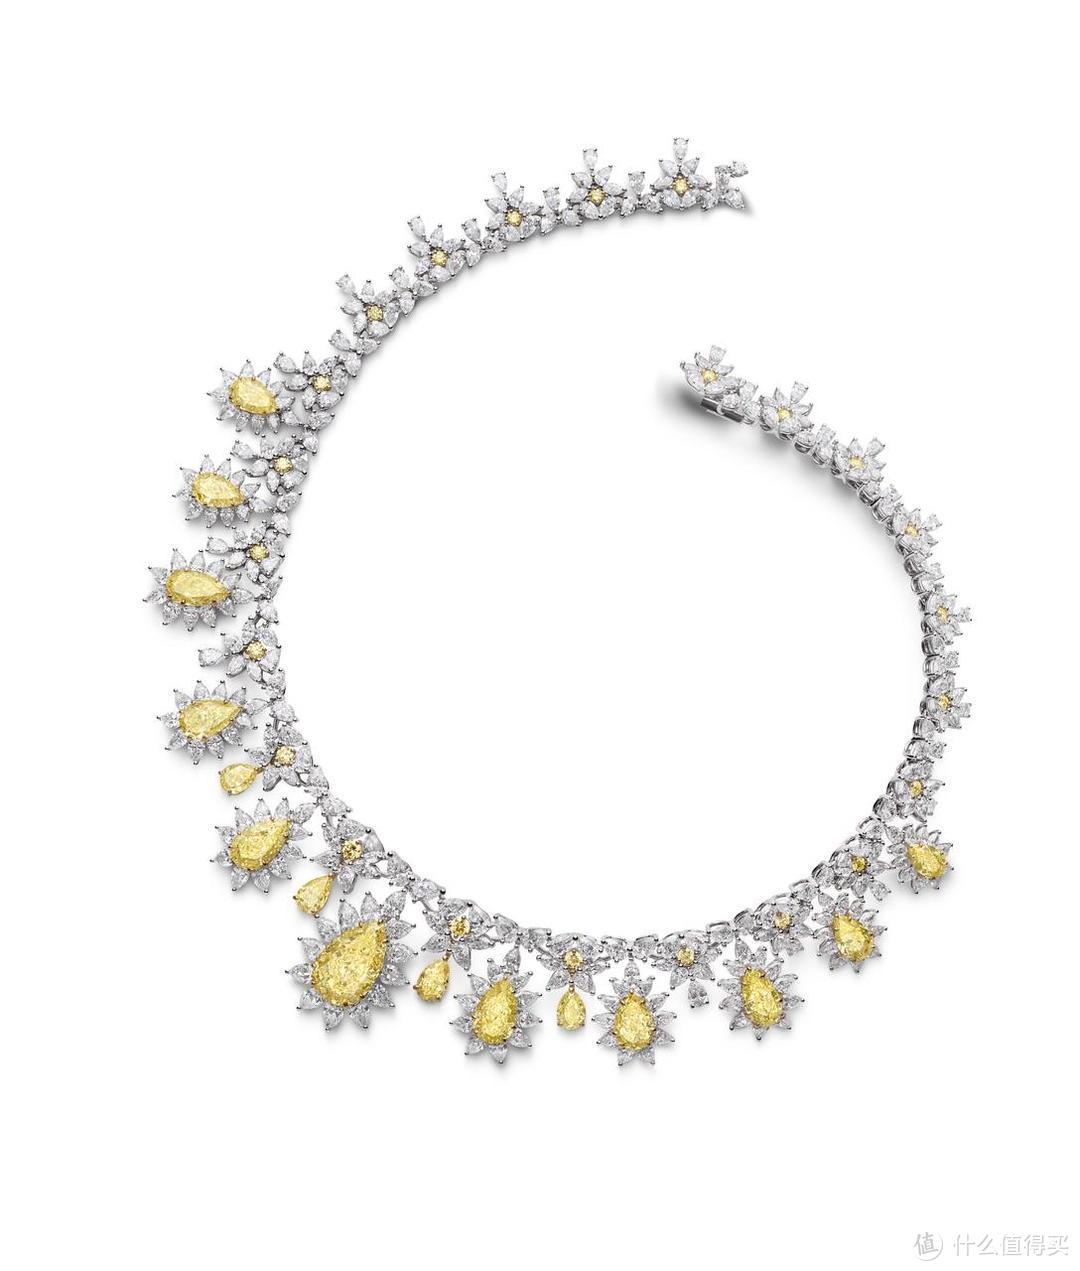 「风尚」威尼斯电影节上的珠宝look